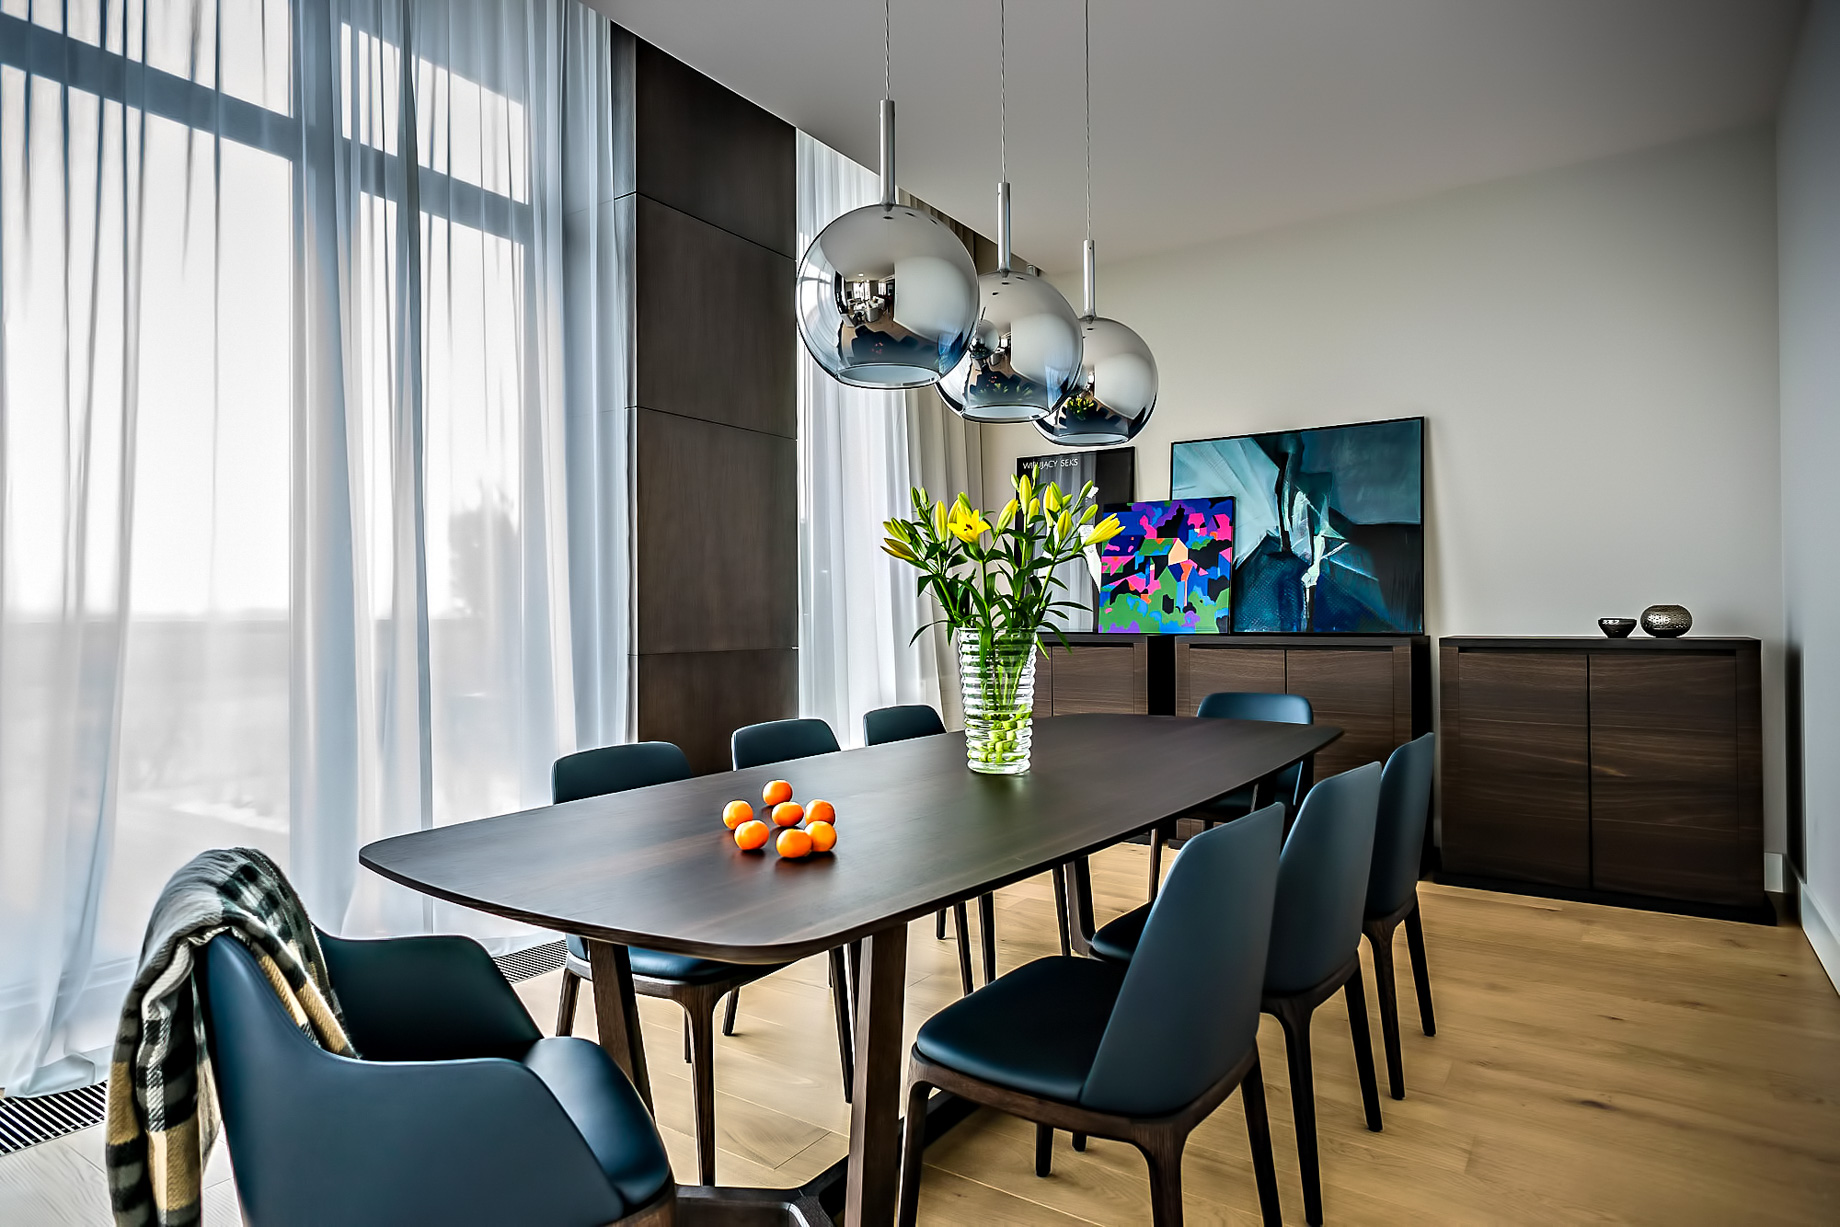 Nowe Powisle Luxury Penthouse - Warsaw, Poland